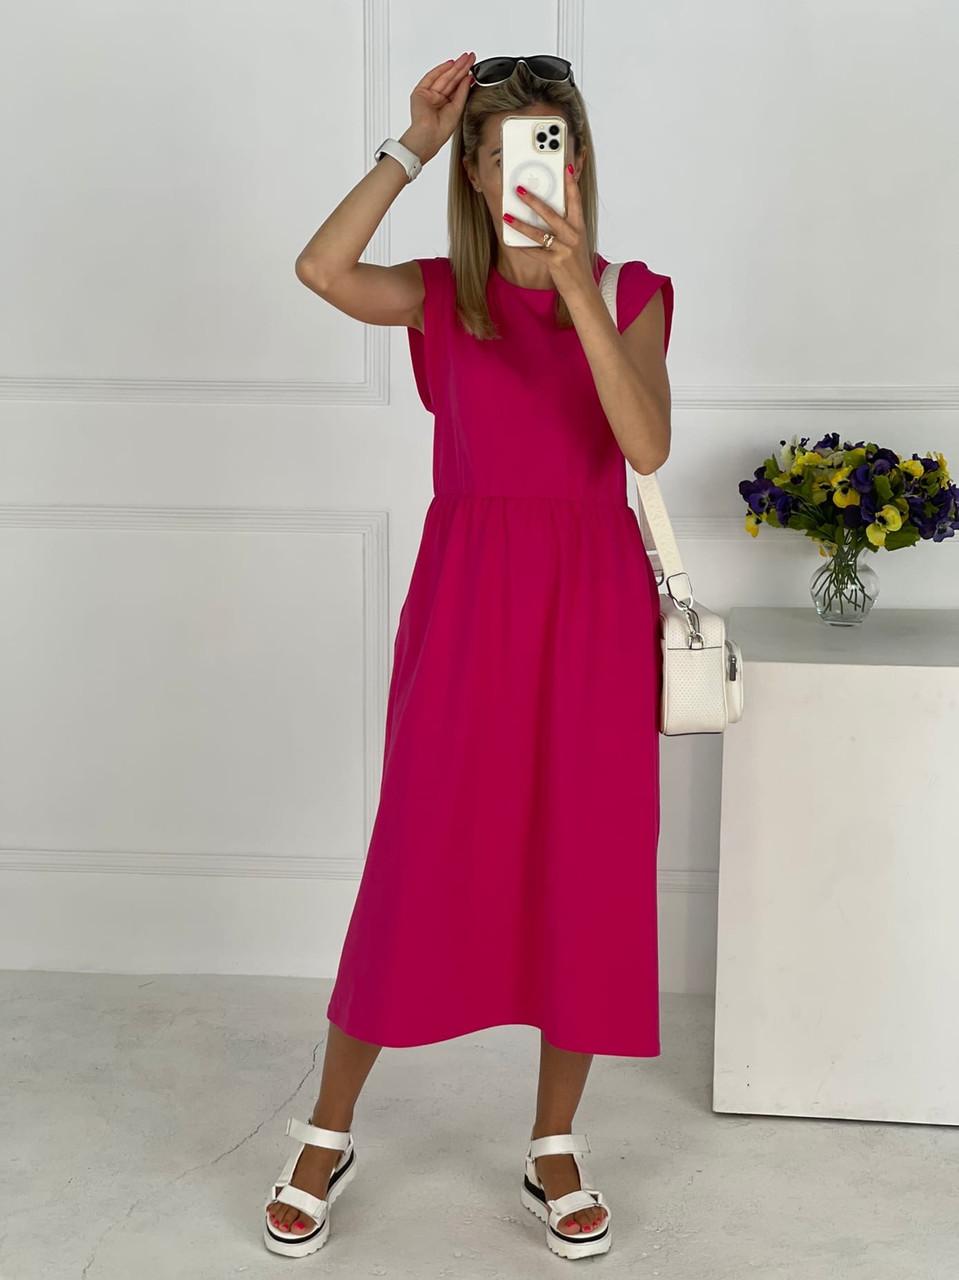 Плаття завдовжки міді з резинкою на талії, кишені в бічних швах